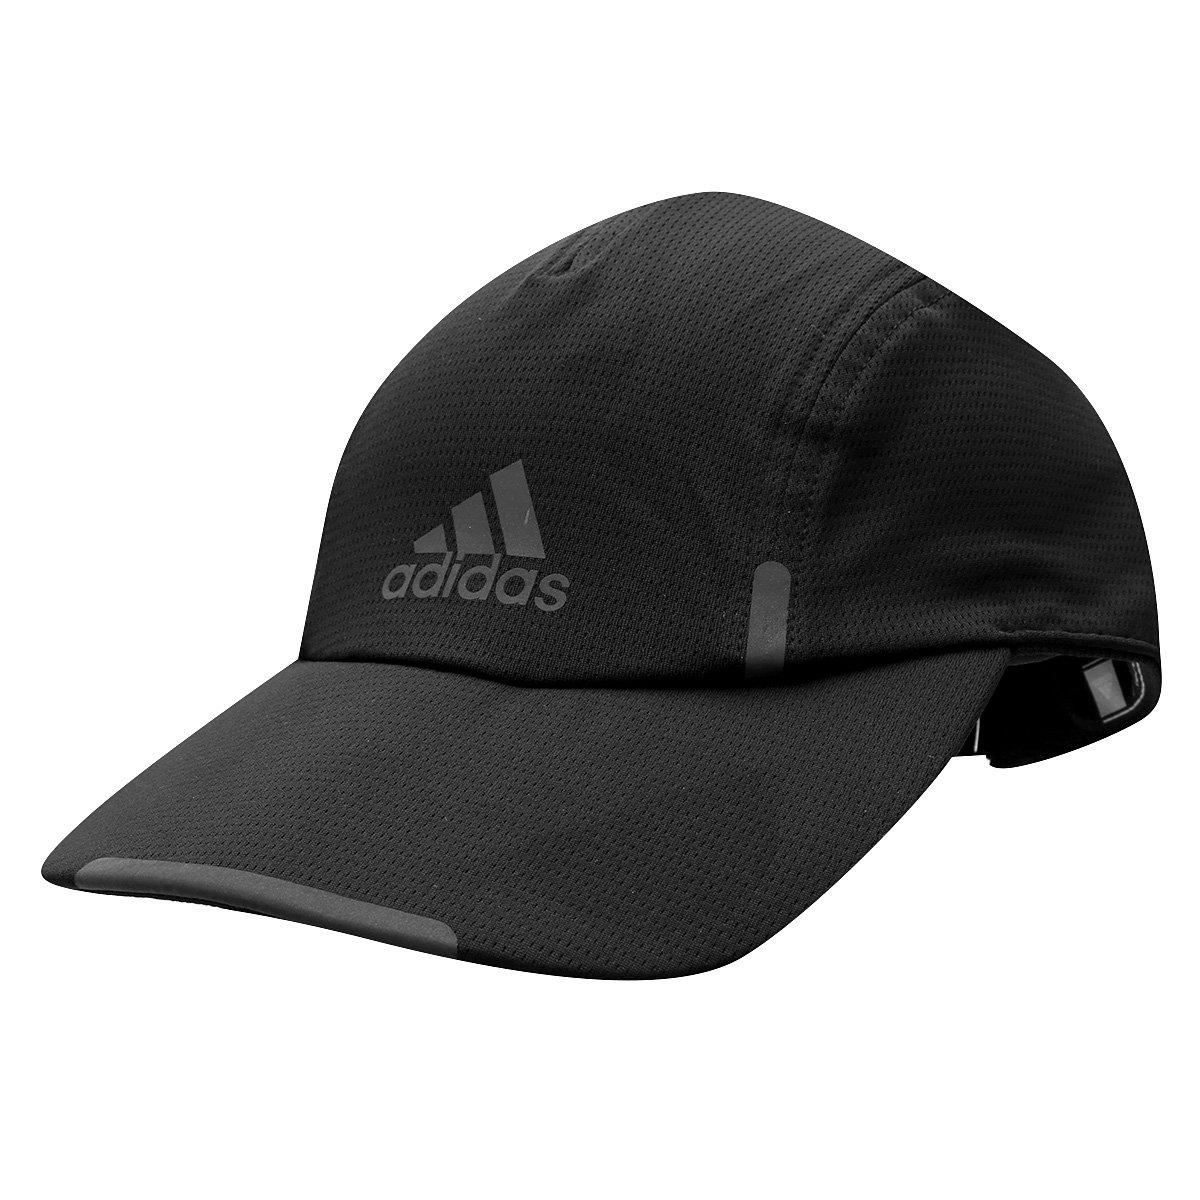 698726945dc34 Boné Adidas ClimaCool Aba Curva Com Proteção UV - Compre Agora ...